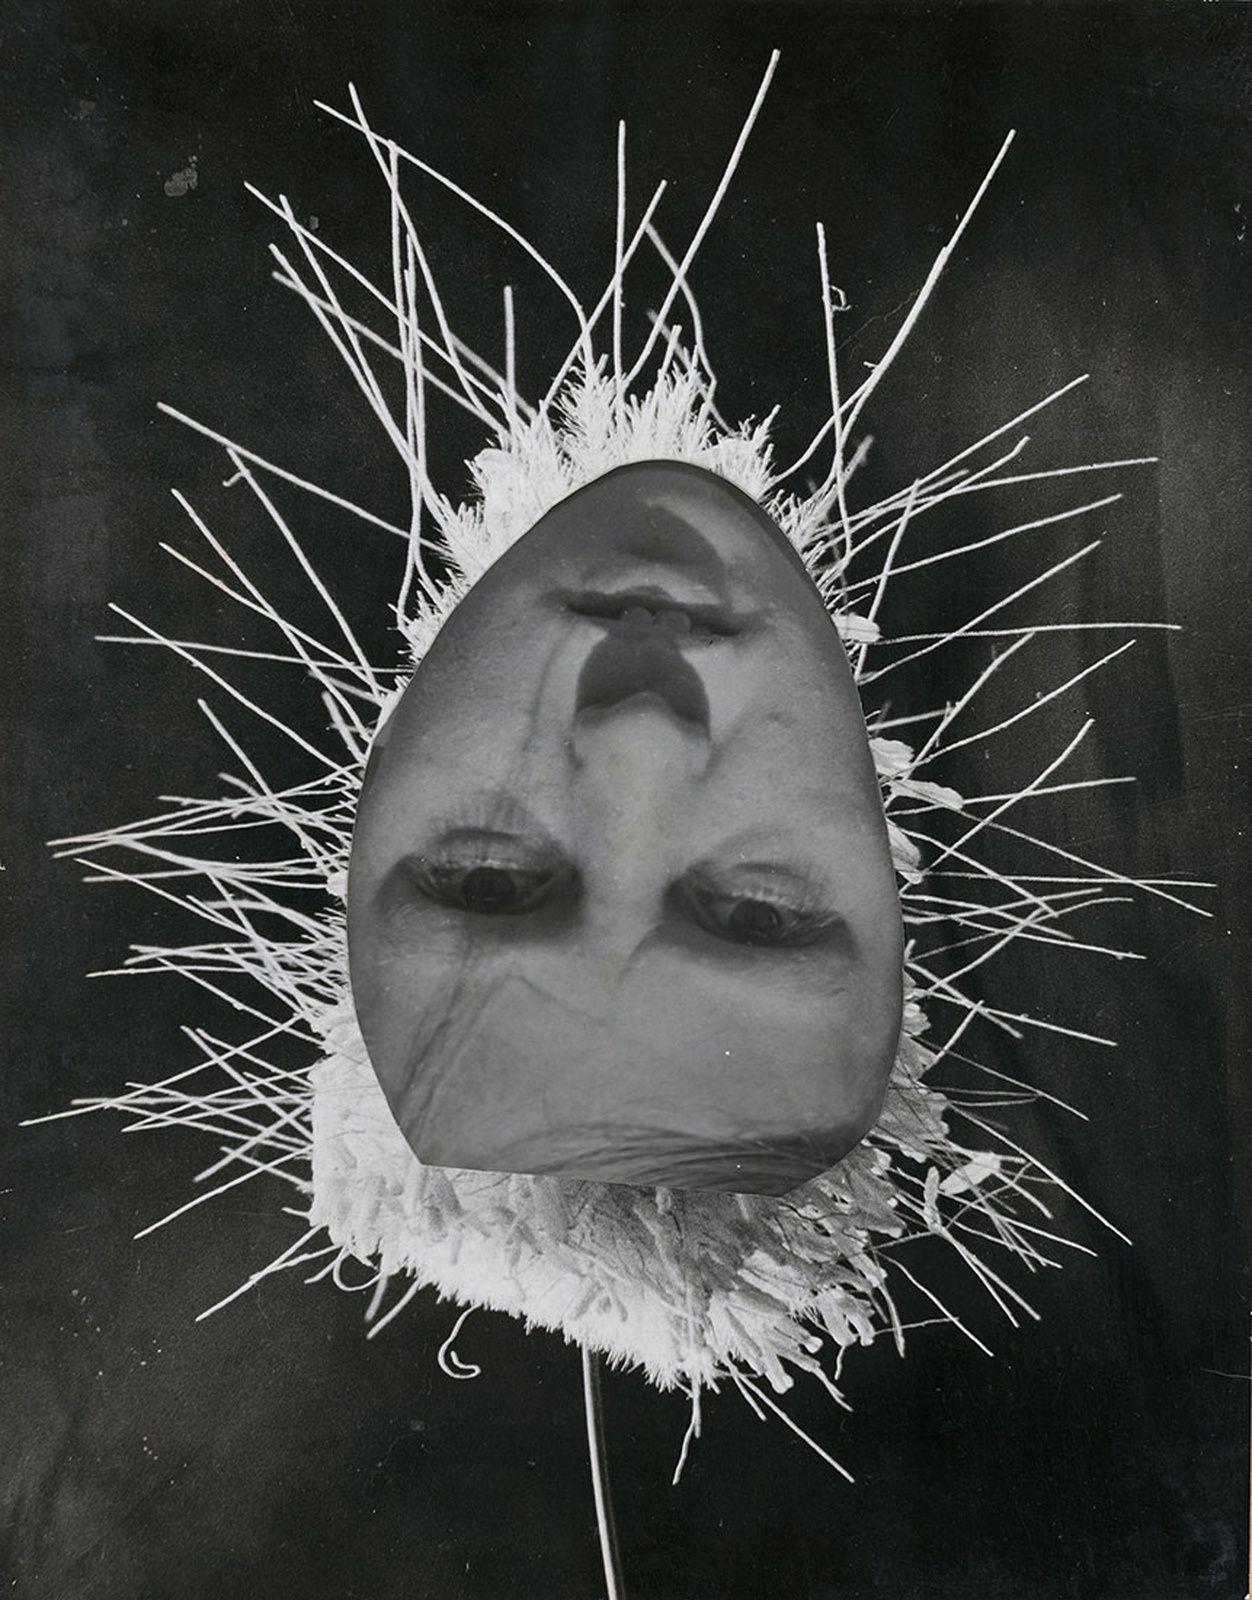 """""""Petite fleur en herbe"""", 1932 de Raoul HAUSMANN - Courtesy Jeu de Paume"""